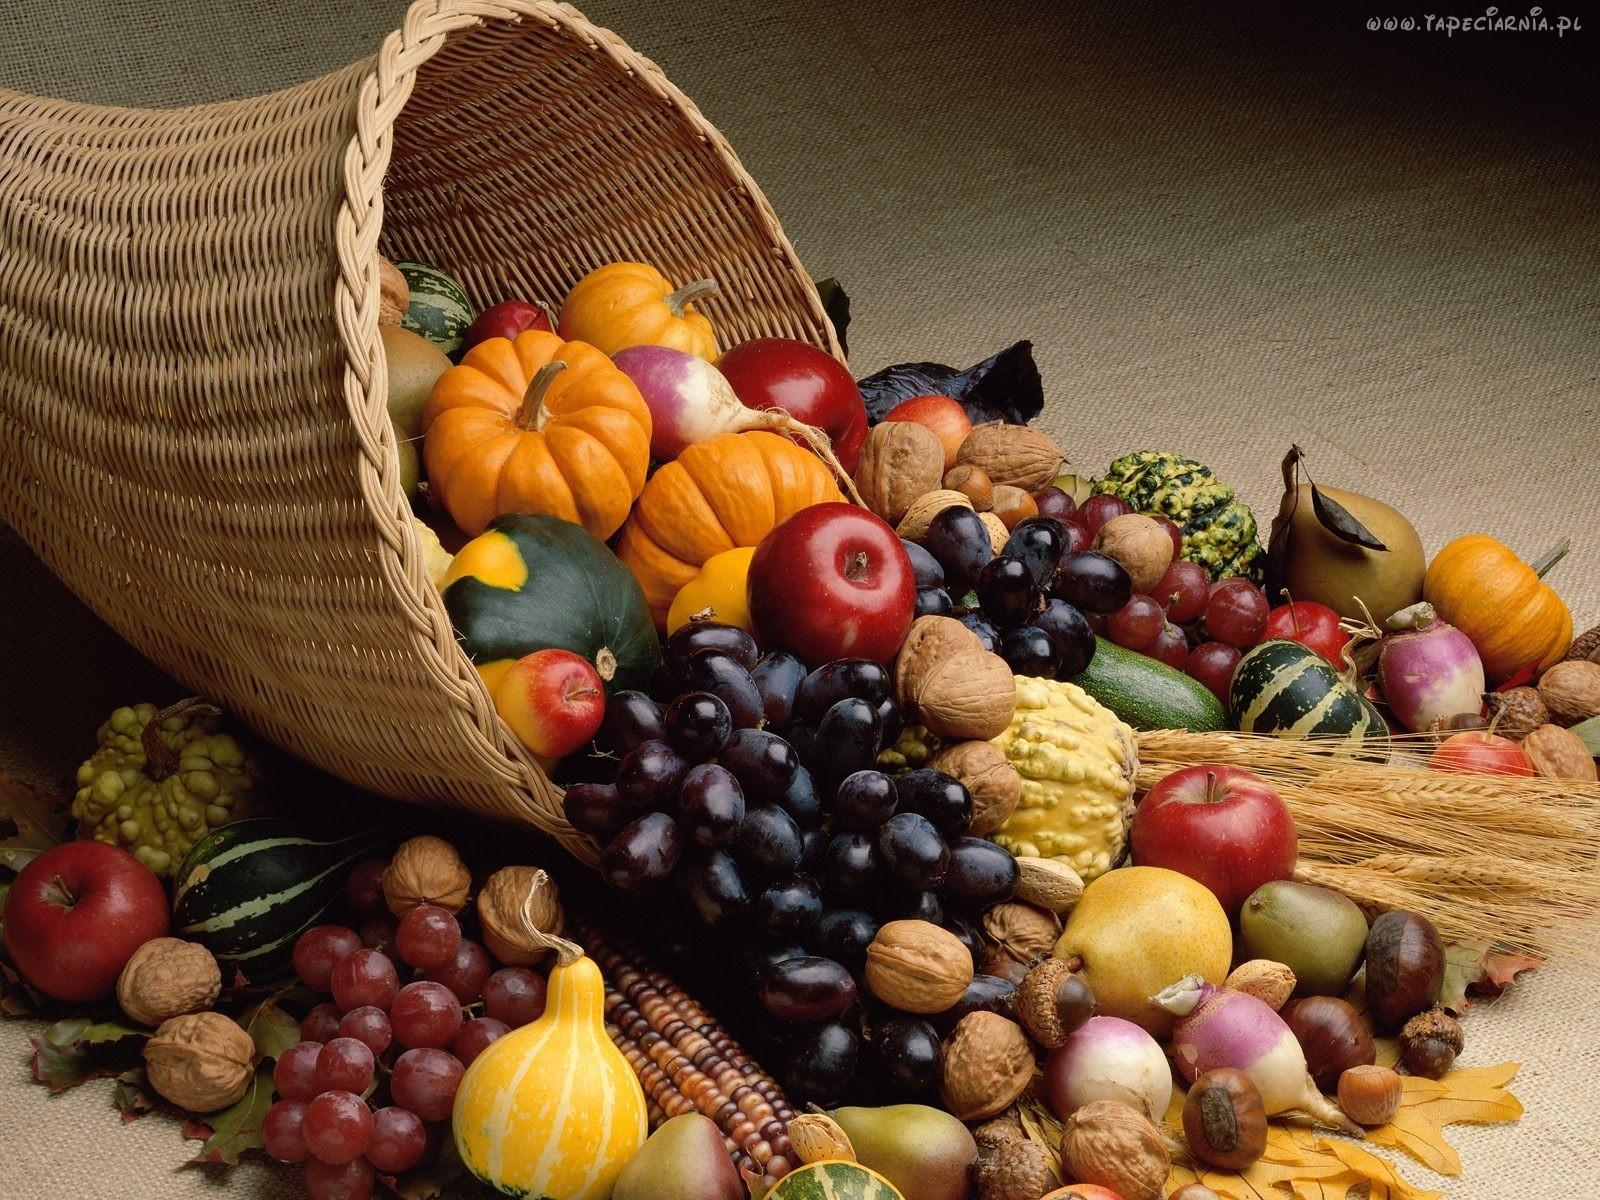 Znalezione obrazy dla zapytania kosz jesiennych warzyw i owocow